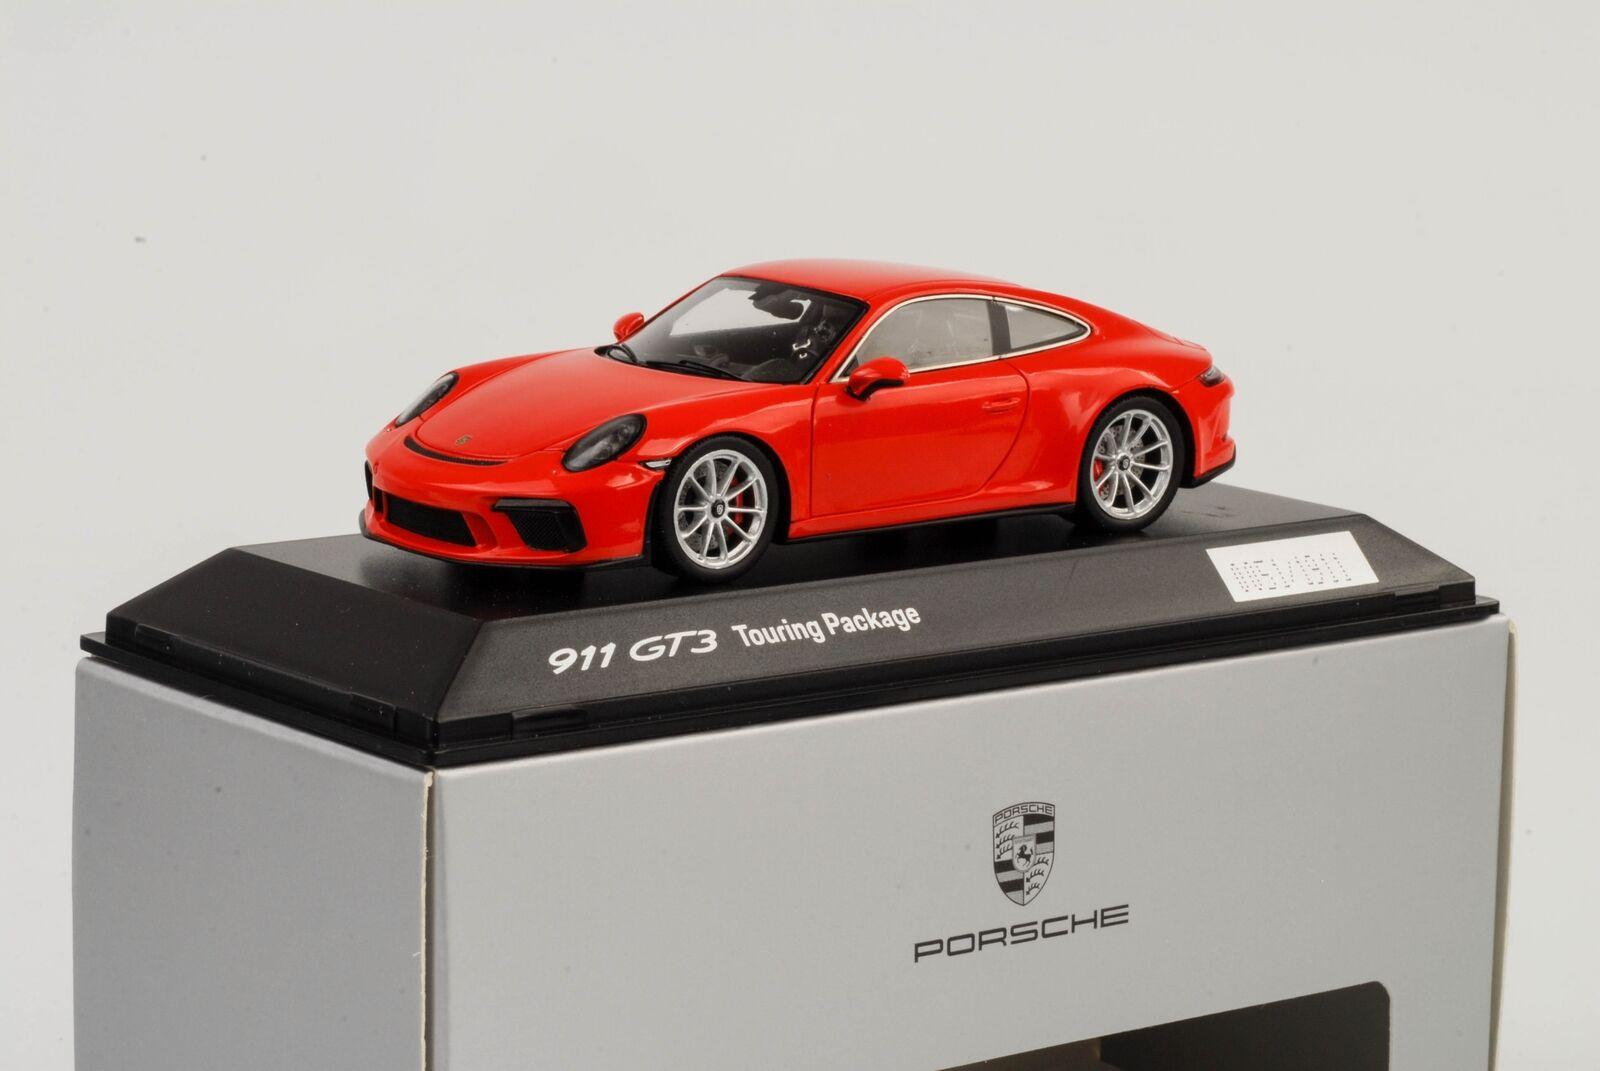 perfecto 2018 Porsche 911 991 gt3 Touring package lavaNaranja lavaNaranja lavaNaranja 1 43 Spark dealer WAP  hasta un 70% de descuento